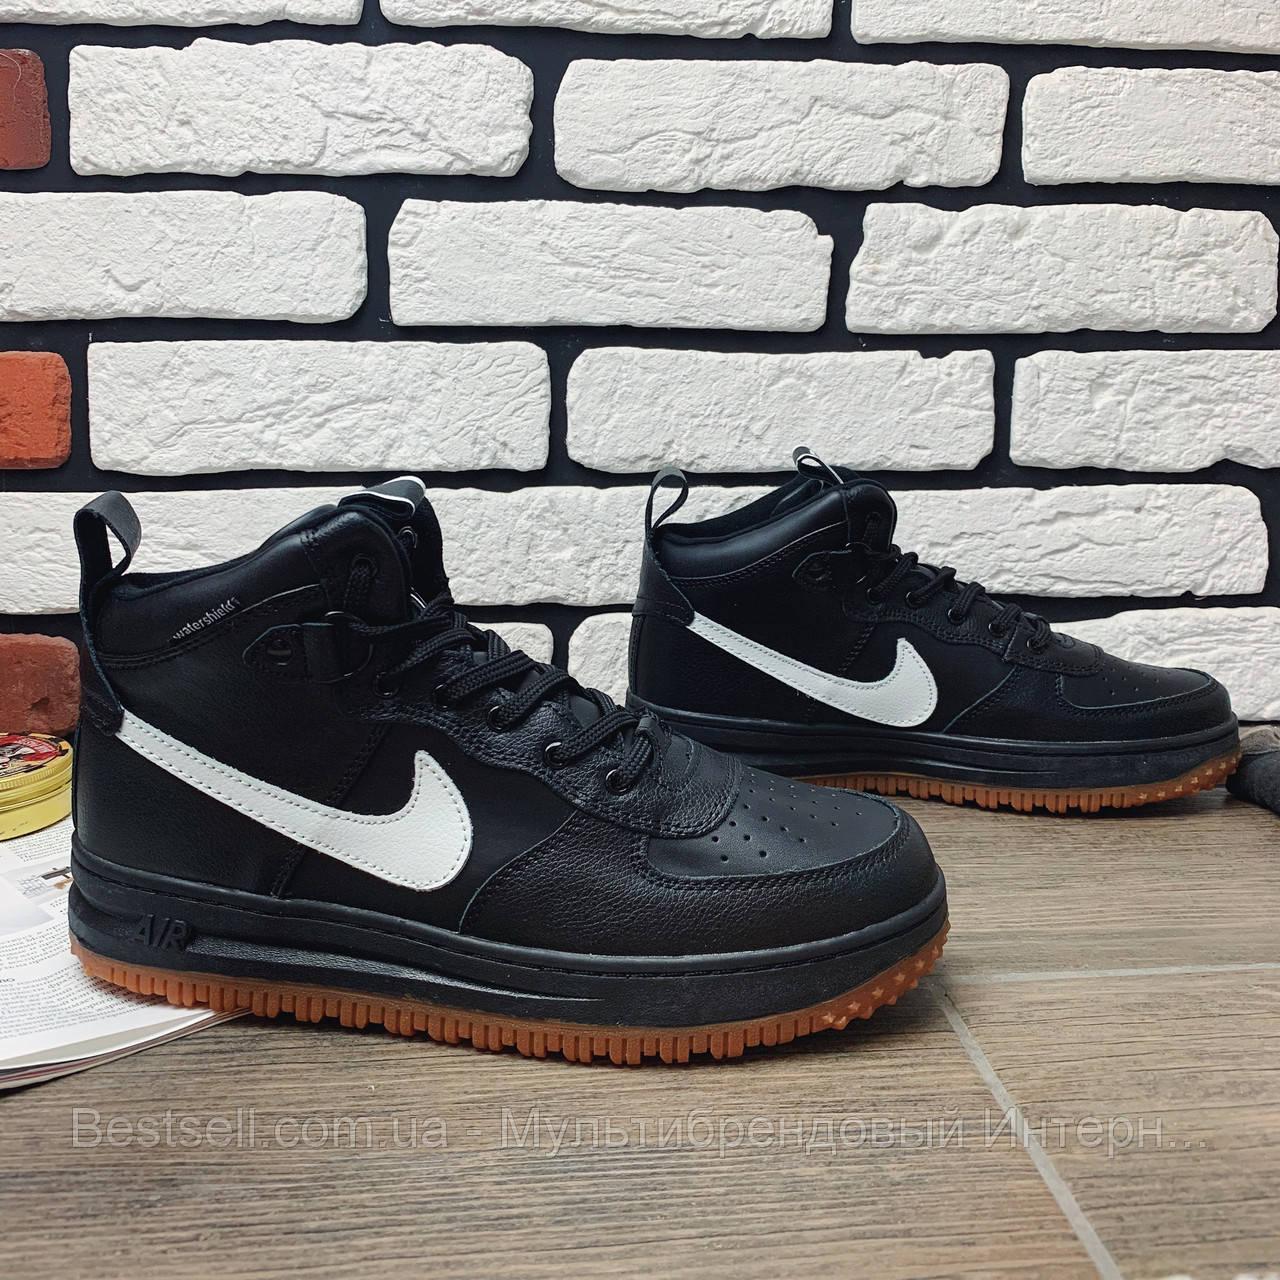 Кросівки Nike LF1 10511 ⏩ [41 останній розмір ]